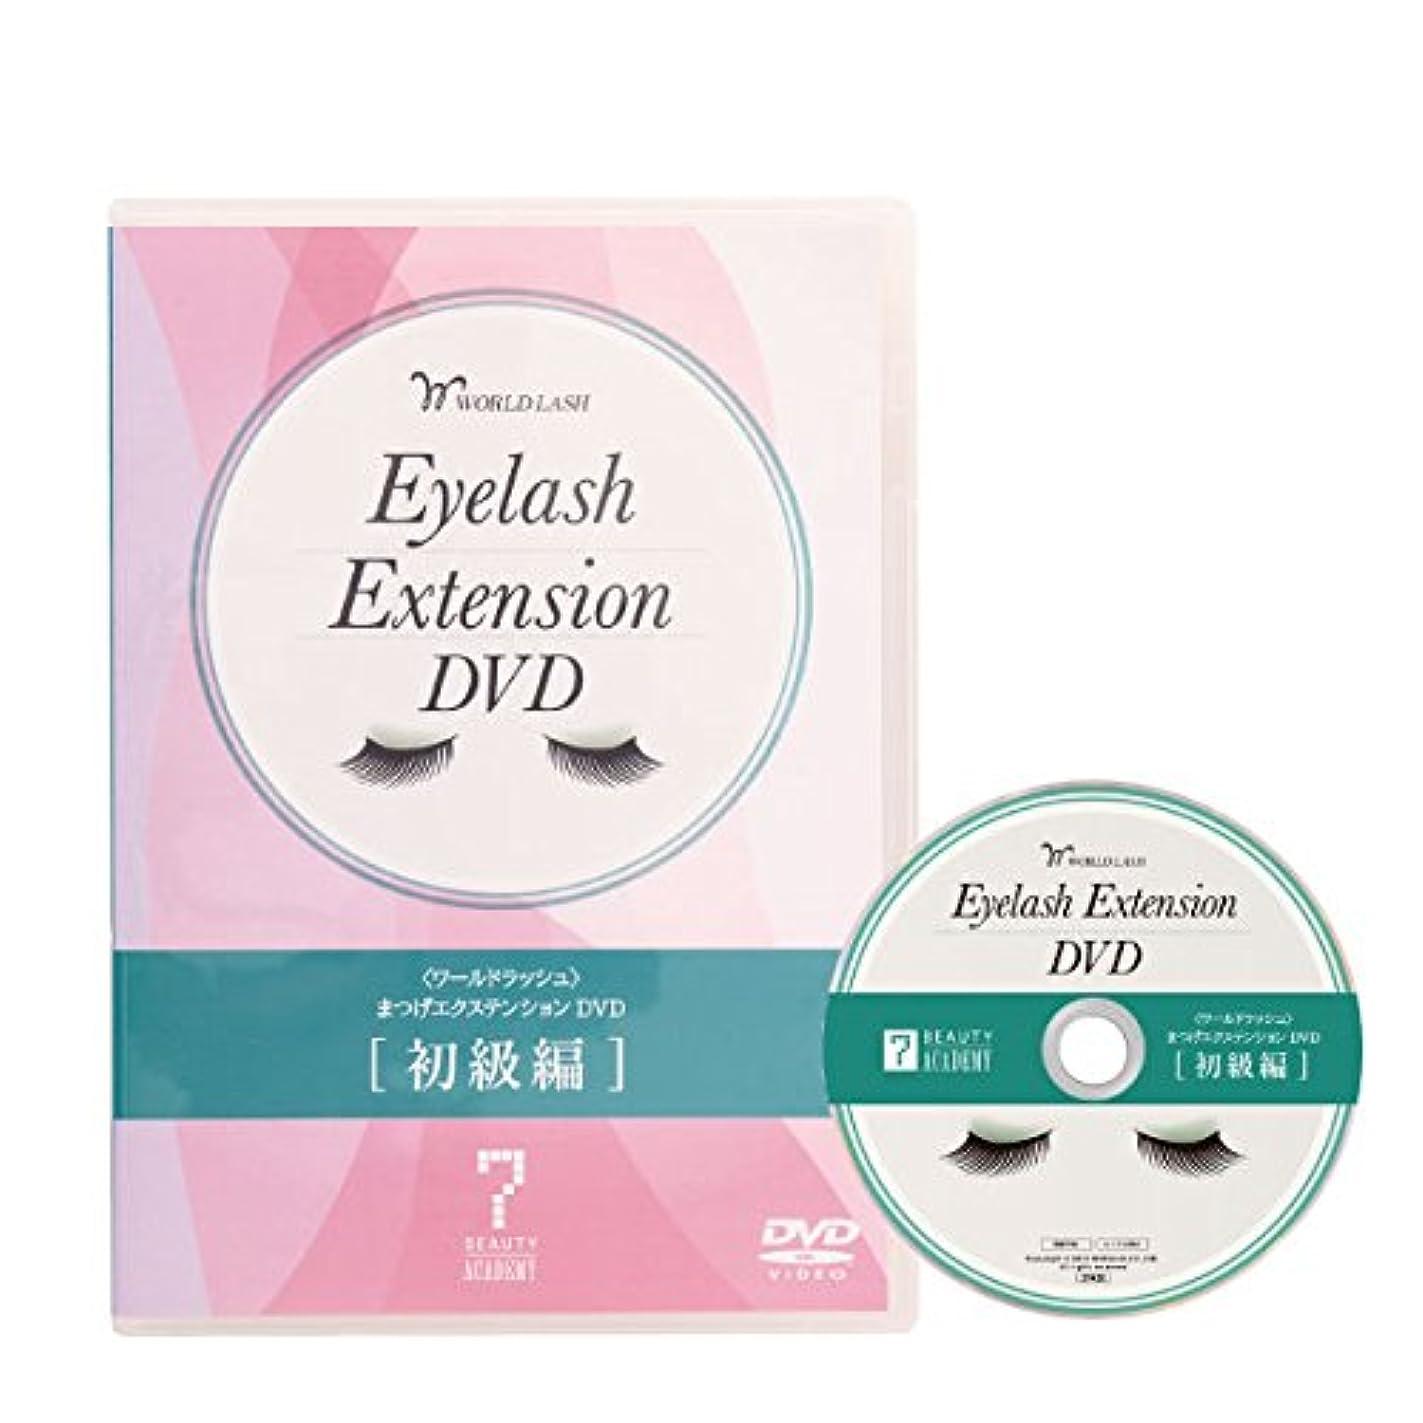 損傷どこ子音< WORLD LASH > まつげエクステンション DVD (初級編) [ 教材 テキスト DVD まつげエクステ まつ毛エクステ まつエク マツエク サロン用 ]